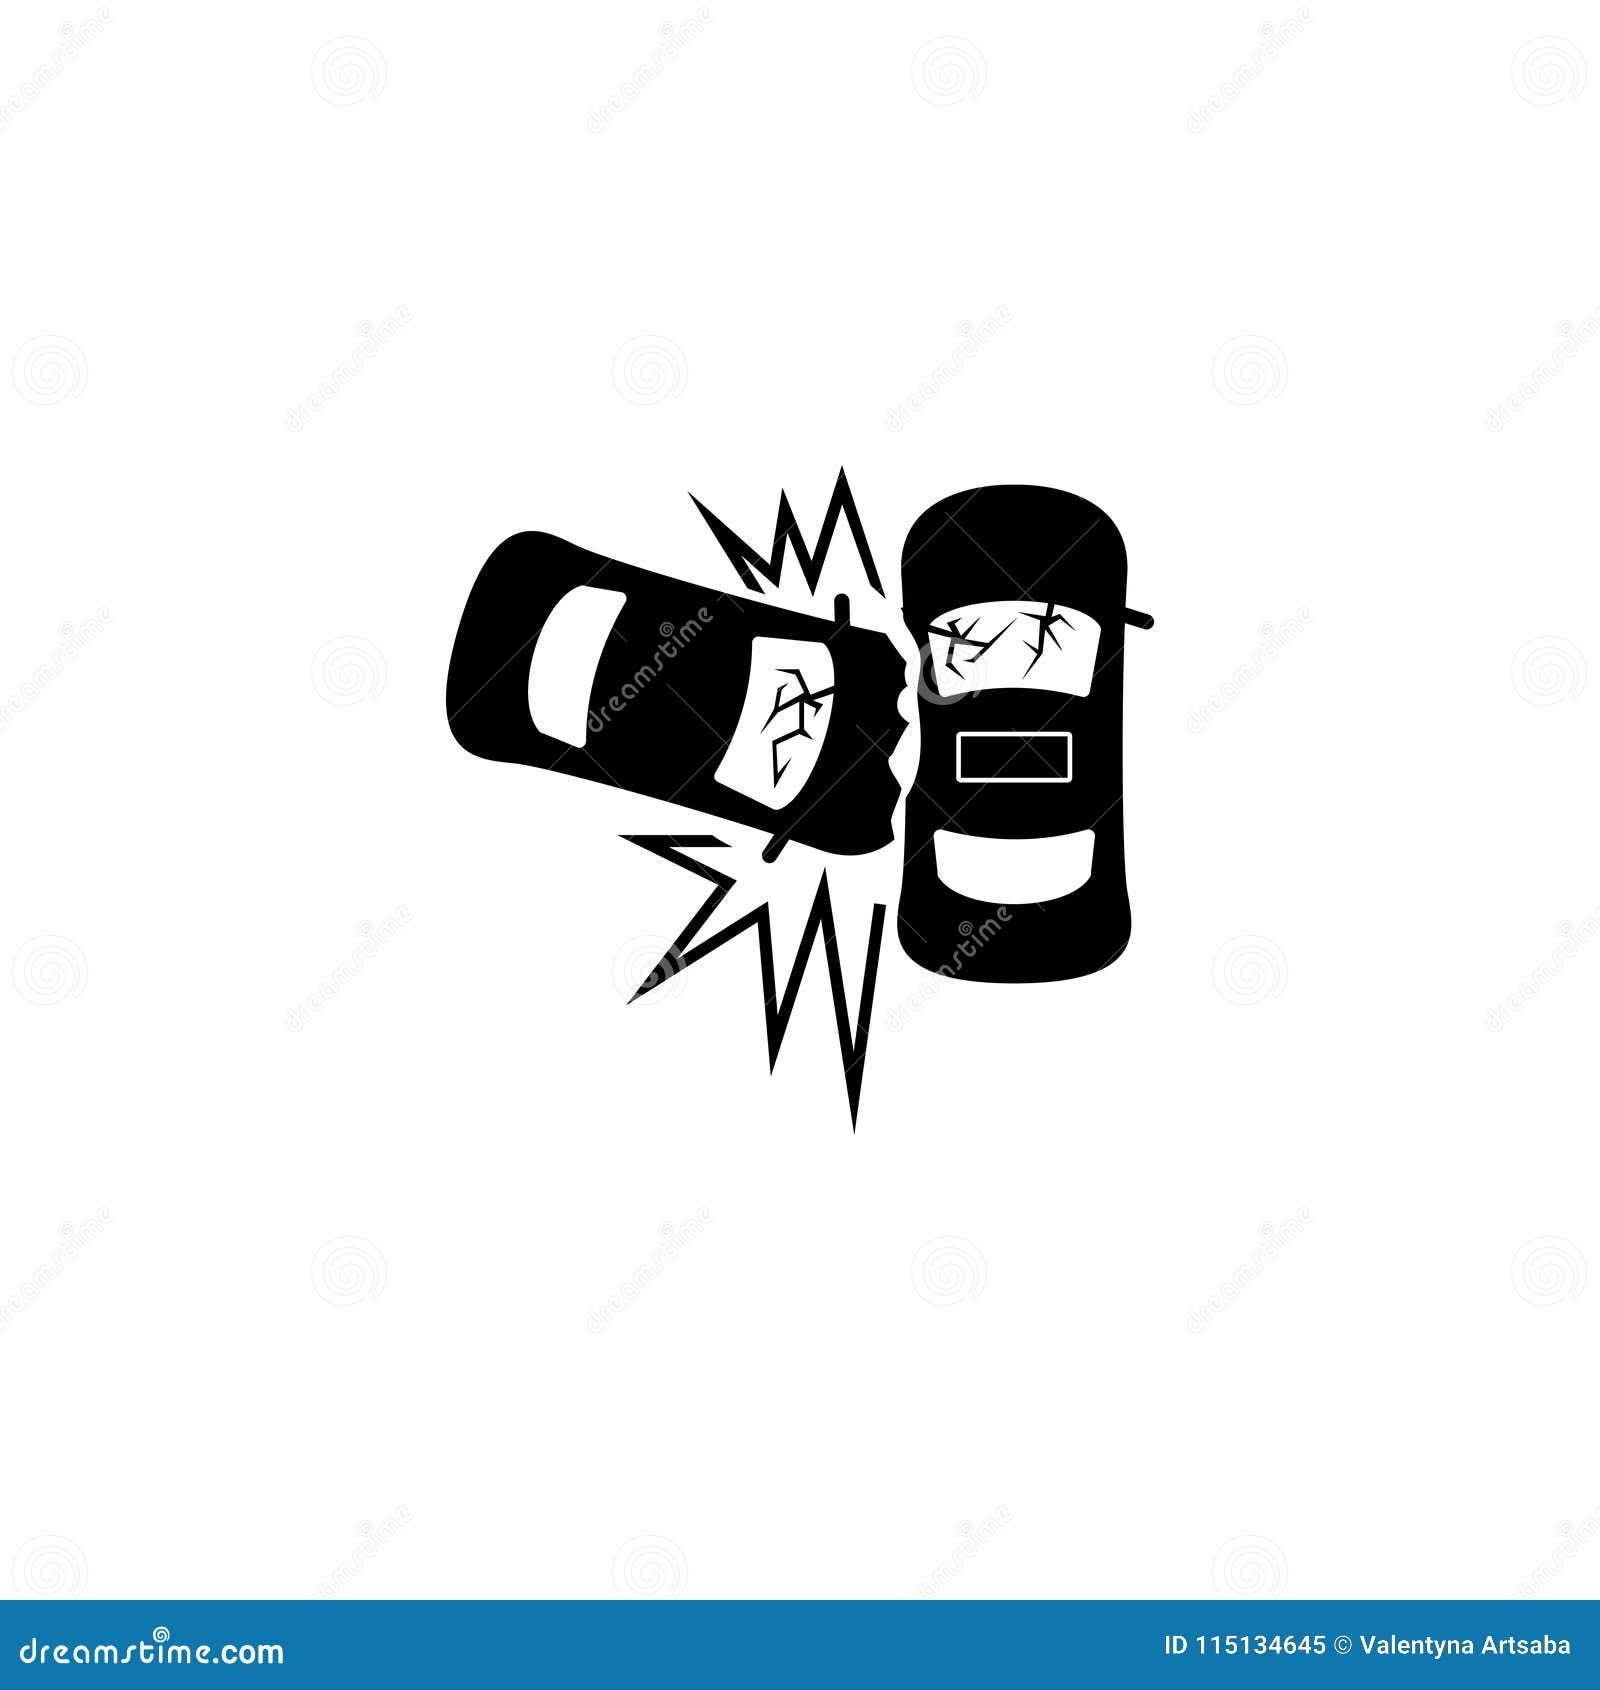 Επίπεδο διανυσματικό εικονίδιο ατυχήματος τροχαίου ατυχήματος